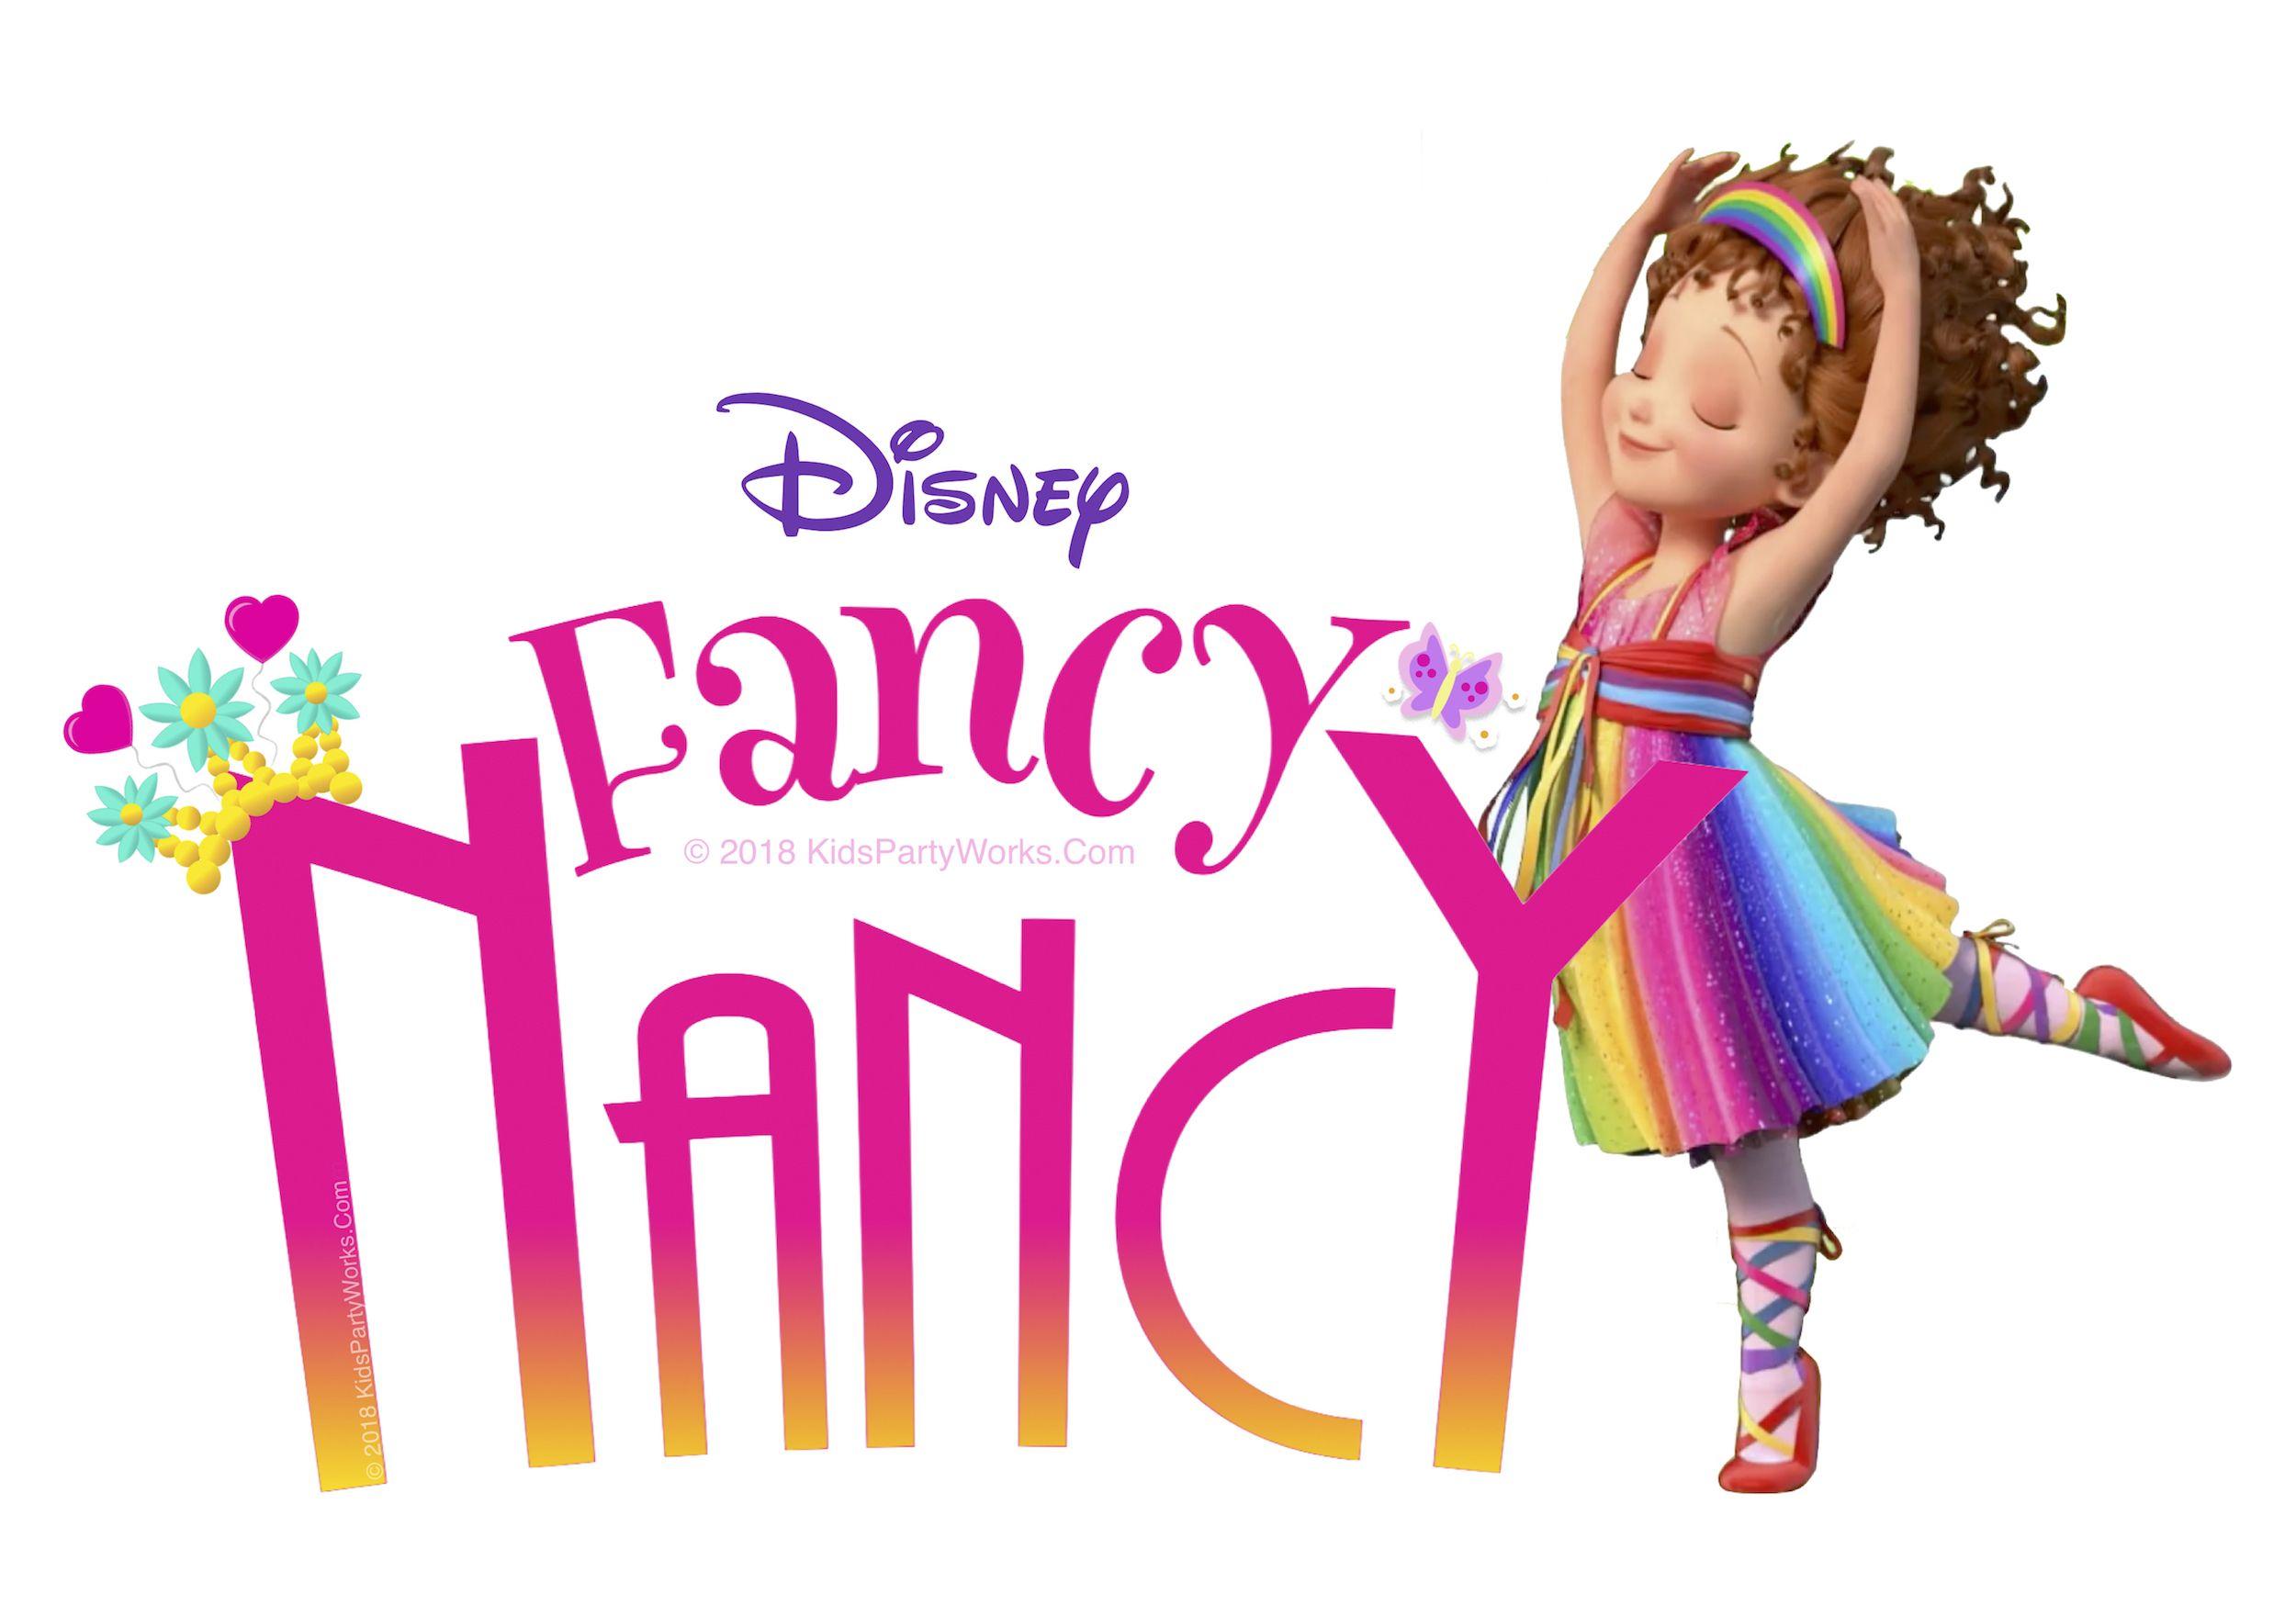 Free Fancy Nancy Font Includes 2 Splendiferous Fonts For Lots Of Fun Projects Like Fancy Nancy Invitations Fa Fancy Nancy Clancy Fancy Nancy Party Fancy Nancy